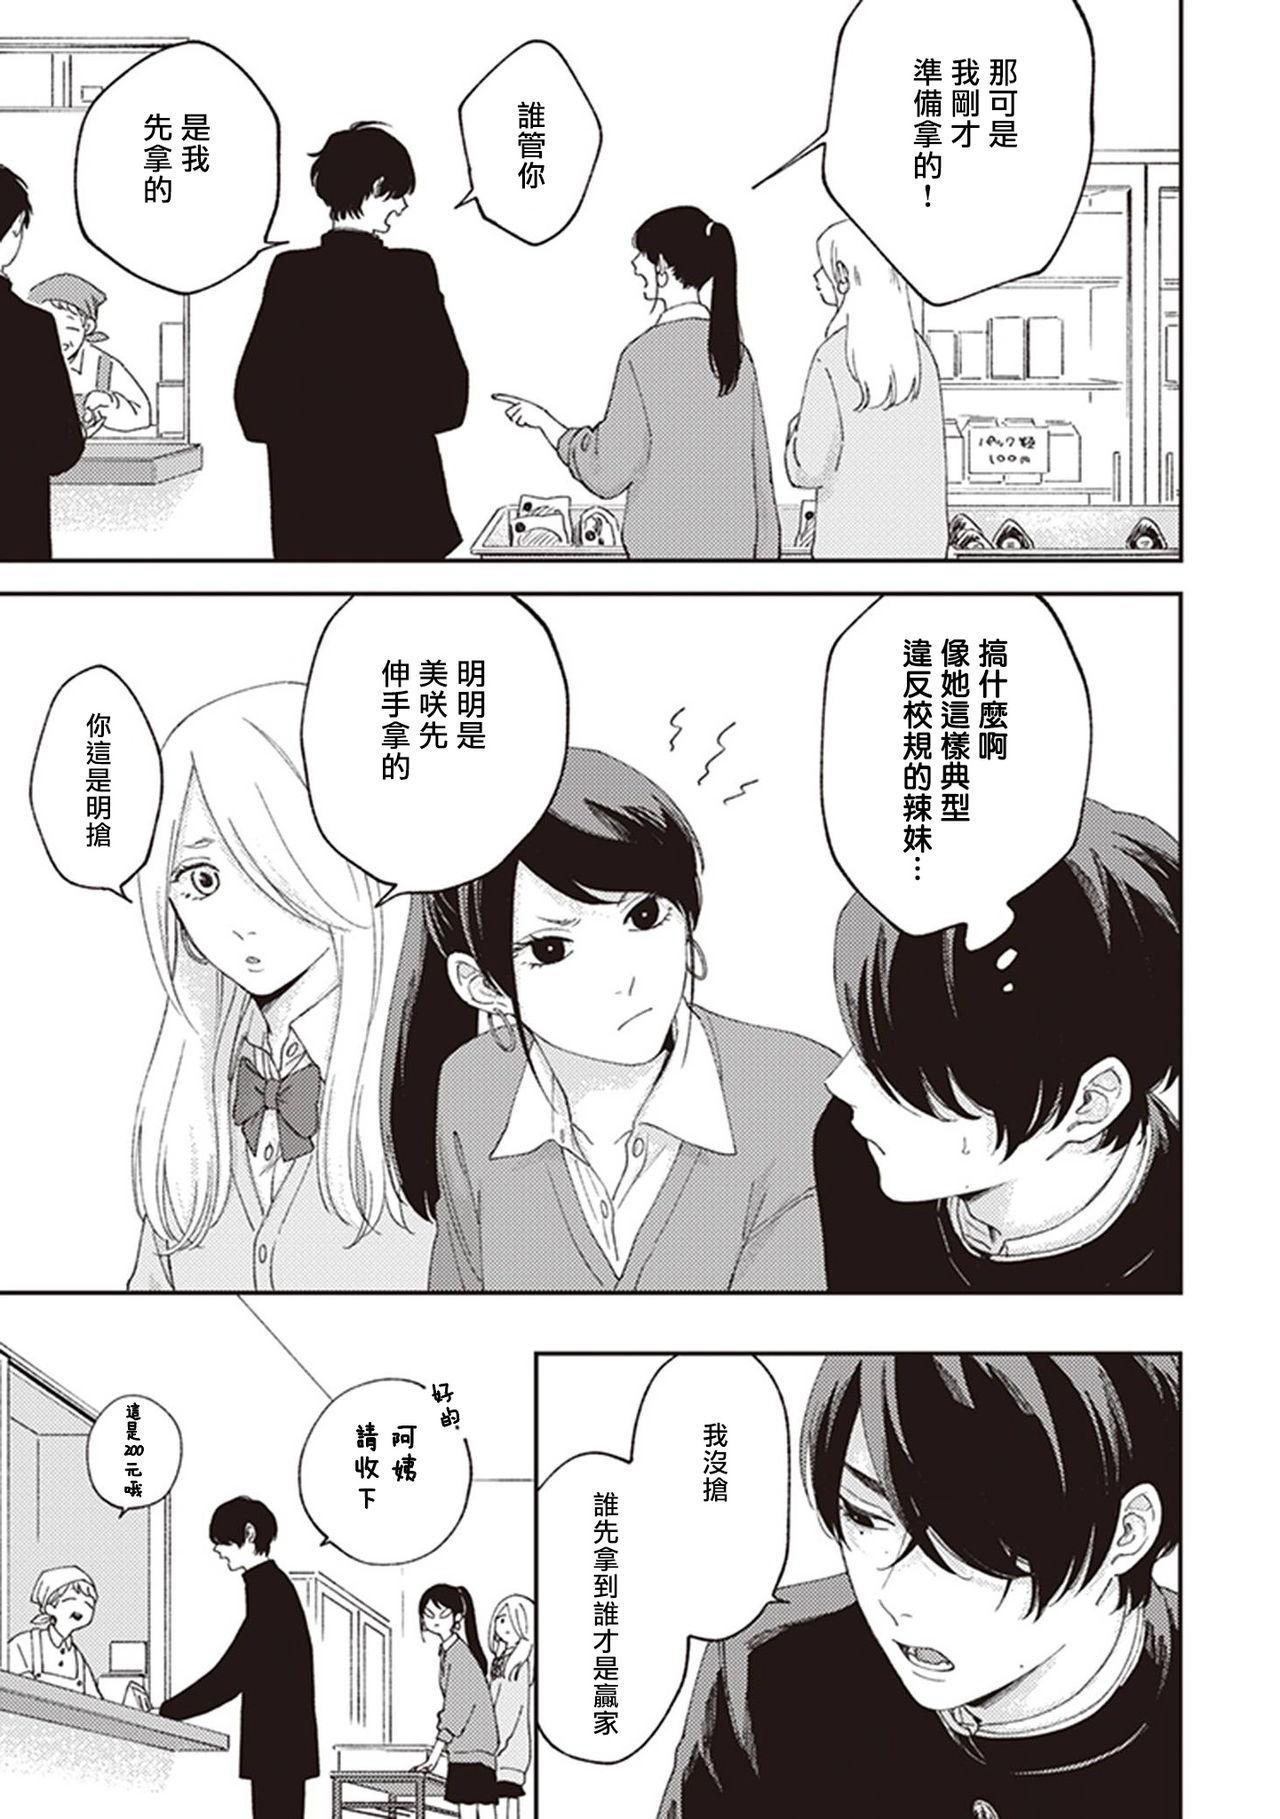 Fukutsu no Zono   不屈的佐诺 Ch. 1-3 8